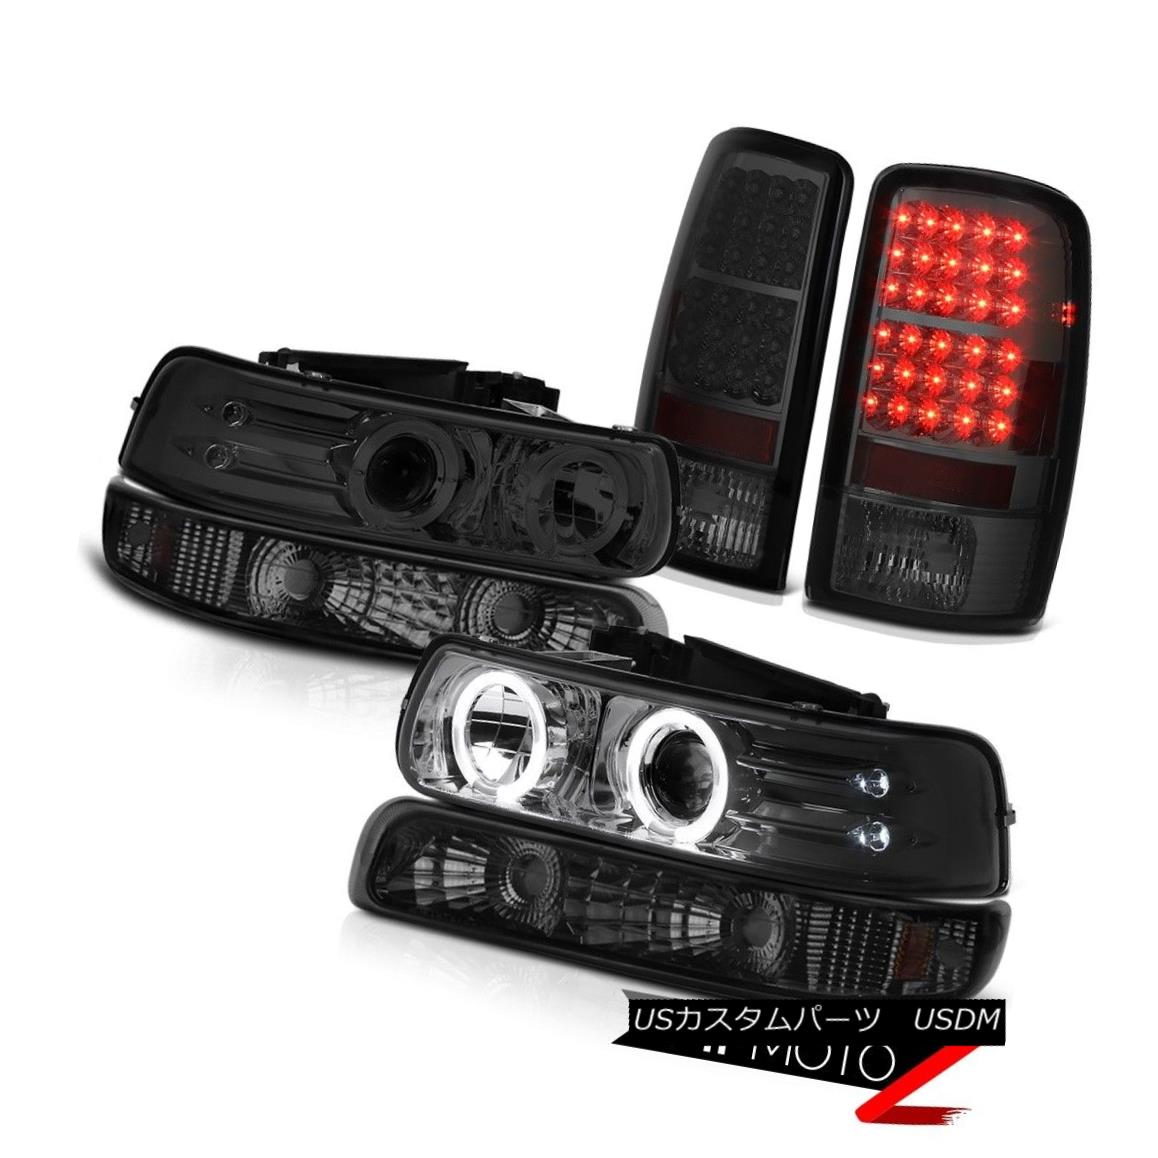 ヘッドライト 2000-2006 Suburban 1500 Headlights Halo DRL LED Smoke Parking Smoked Taillamps 2000-2006郊外1500ヘッドライトHalo DRL LEDスモークパーキングスモークタイルランプ